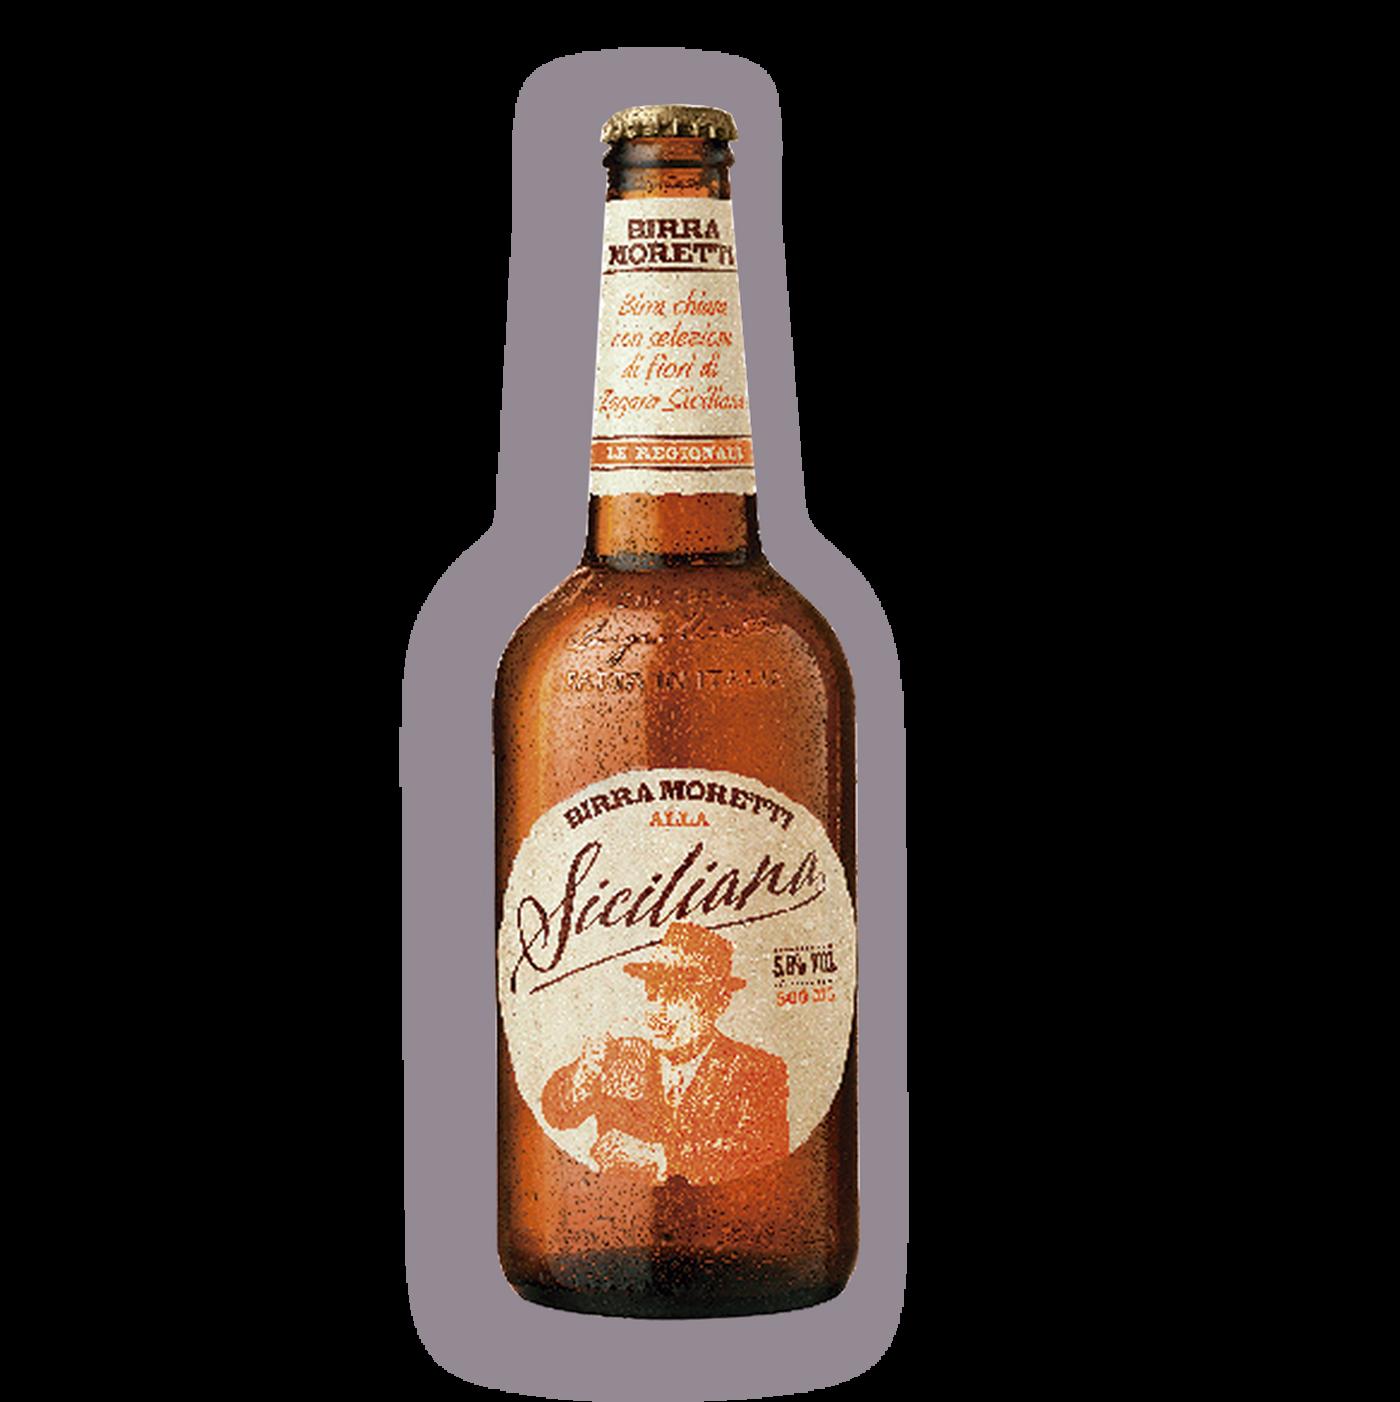 Cerveza Moretti Siciliana